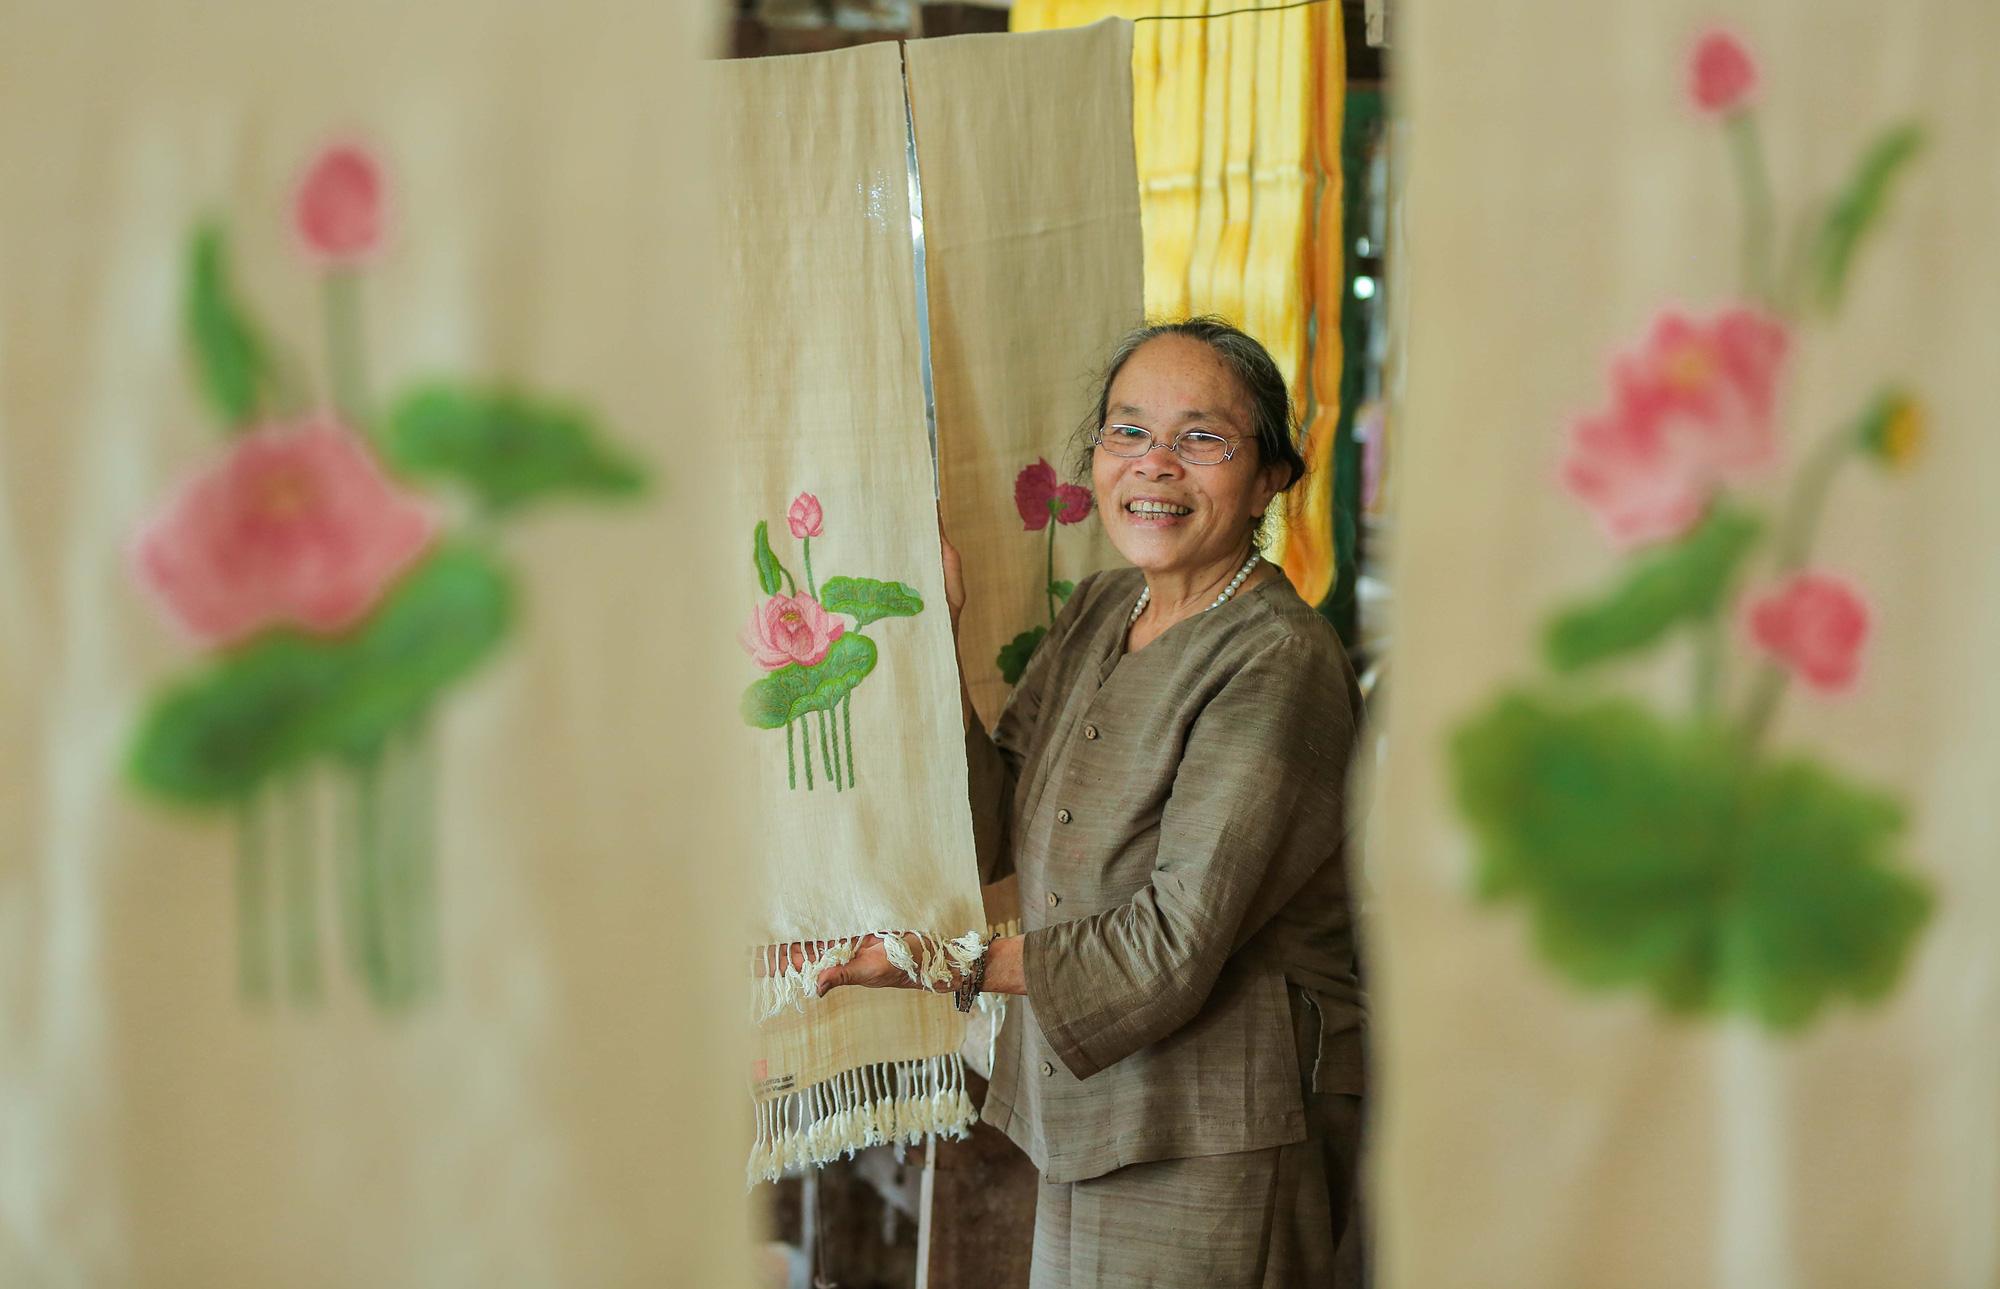 Chiêm ngưỡng các công đoạn dệt lụa bằng tơ sen độc đáo ở Việt Nam - Ảnh 12.